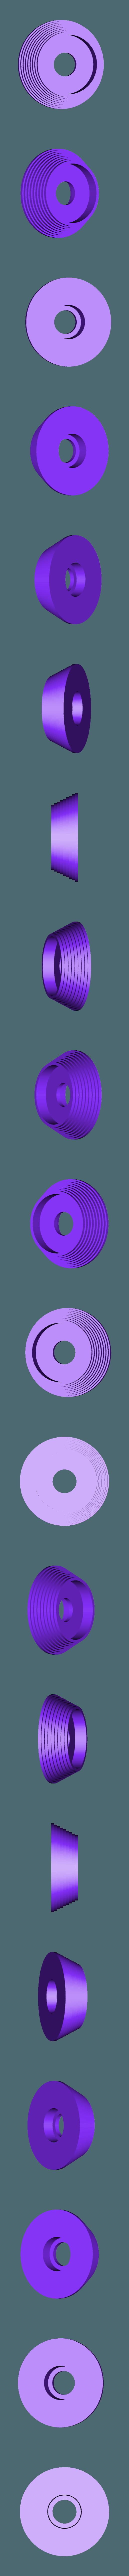 Spool_holder_large_ribbed_2.stl Télécharger fichier STL gratuit 20/20 Porte-bobine et pince • Modèle pour imprimante 3D, LionFox